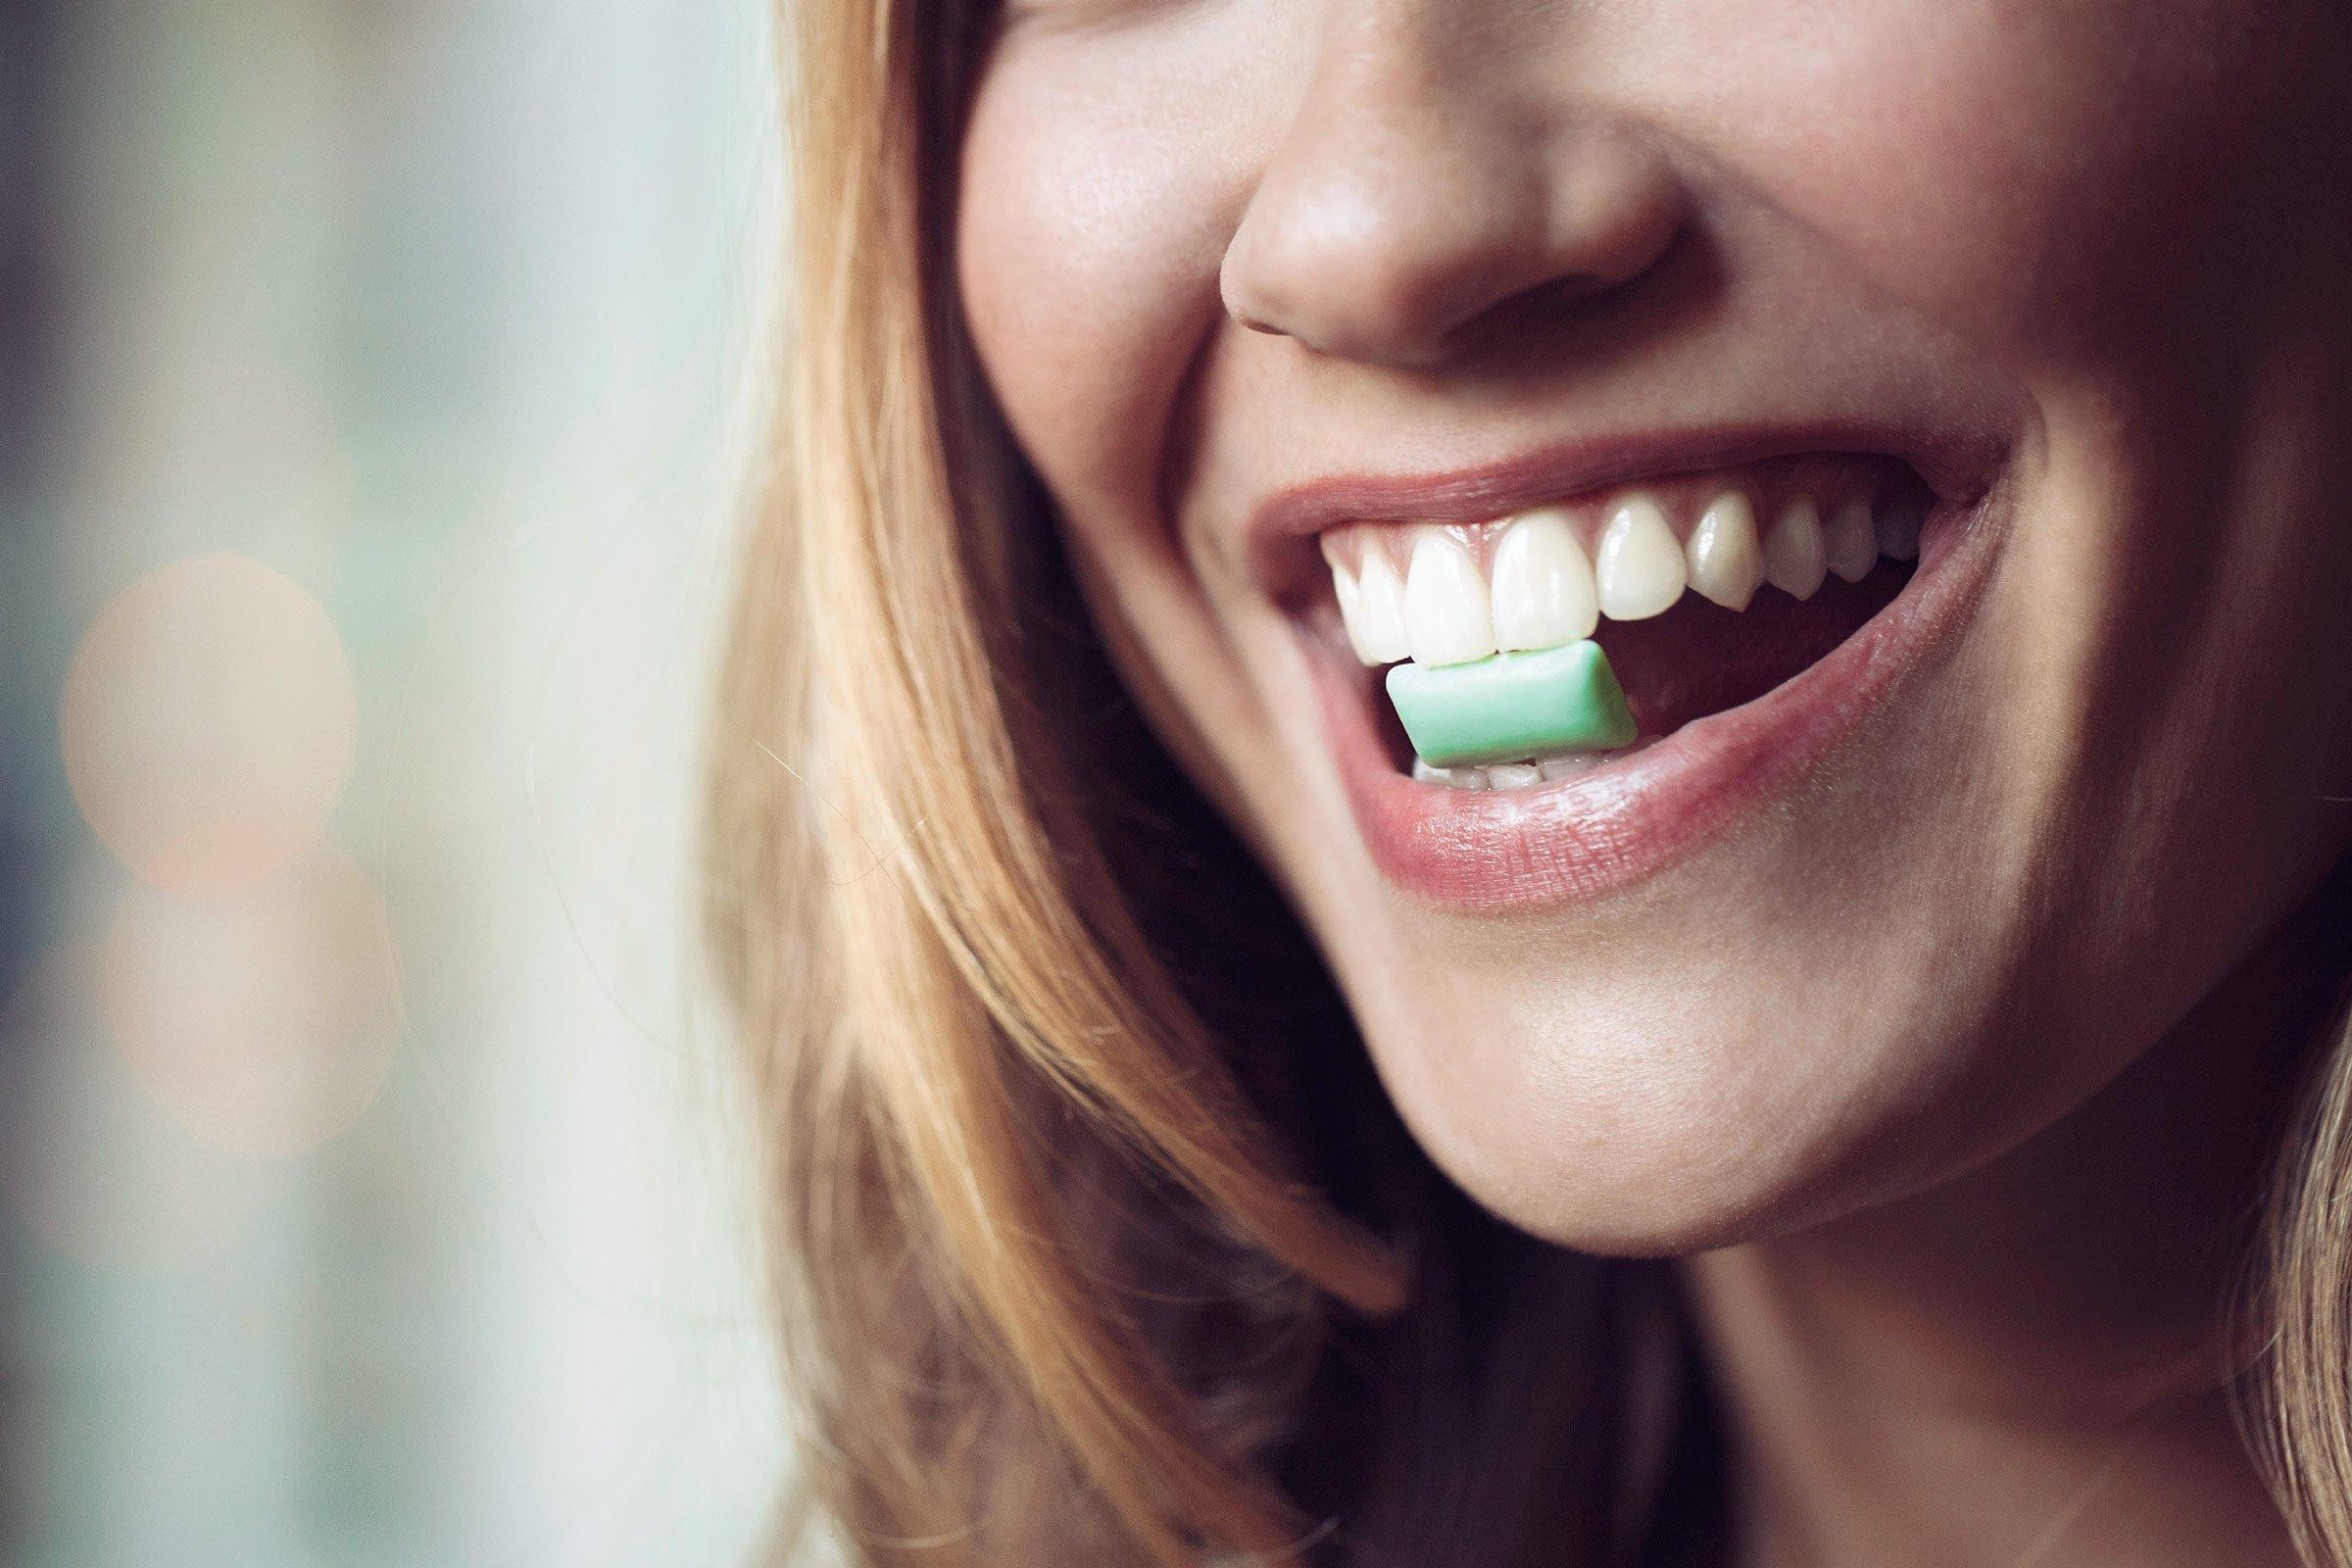 Статья: Жевательная резинка. Какой вред она несет для зубов?